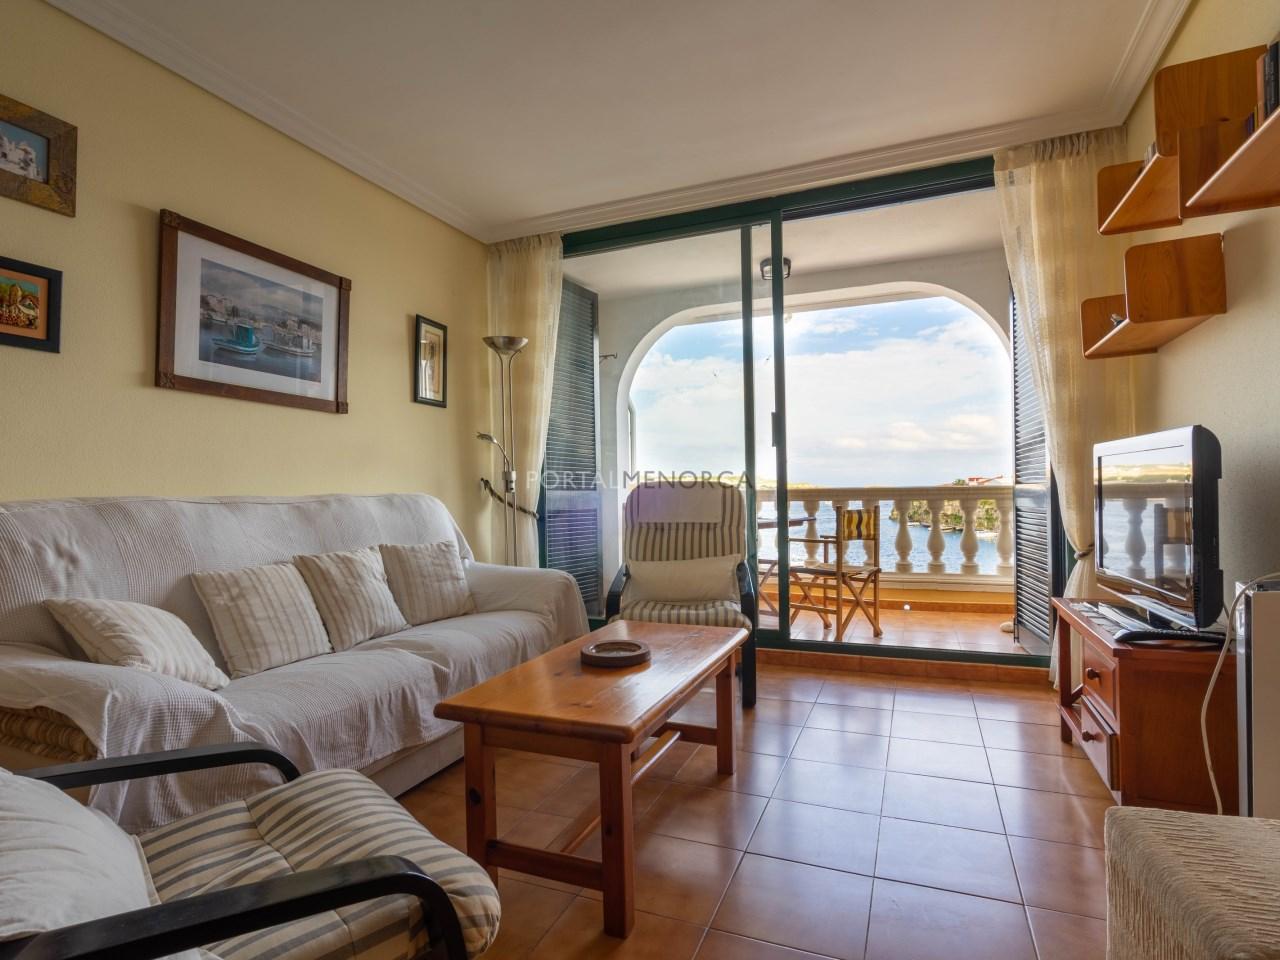 casa en venta con vista mar menorca (5)